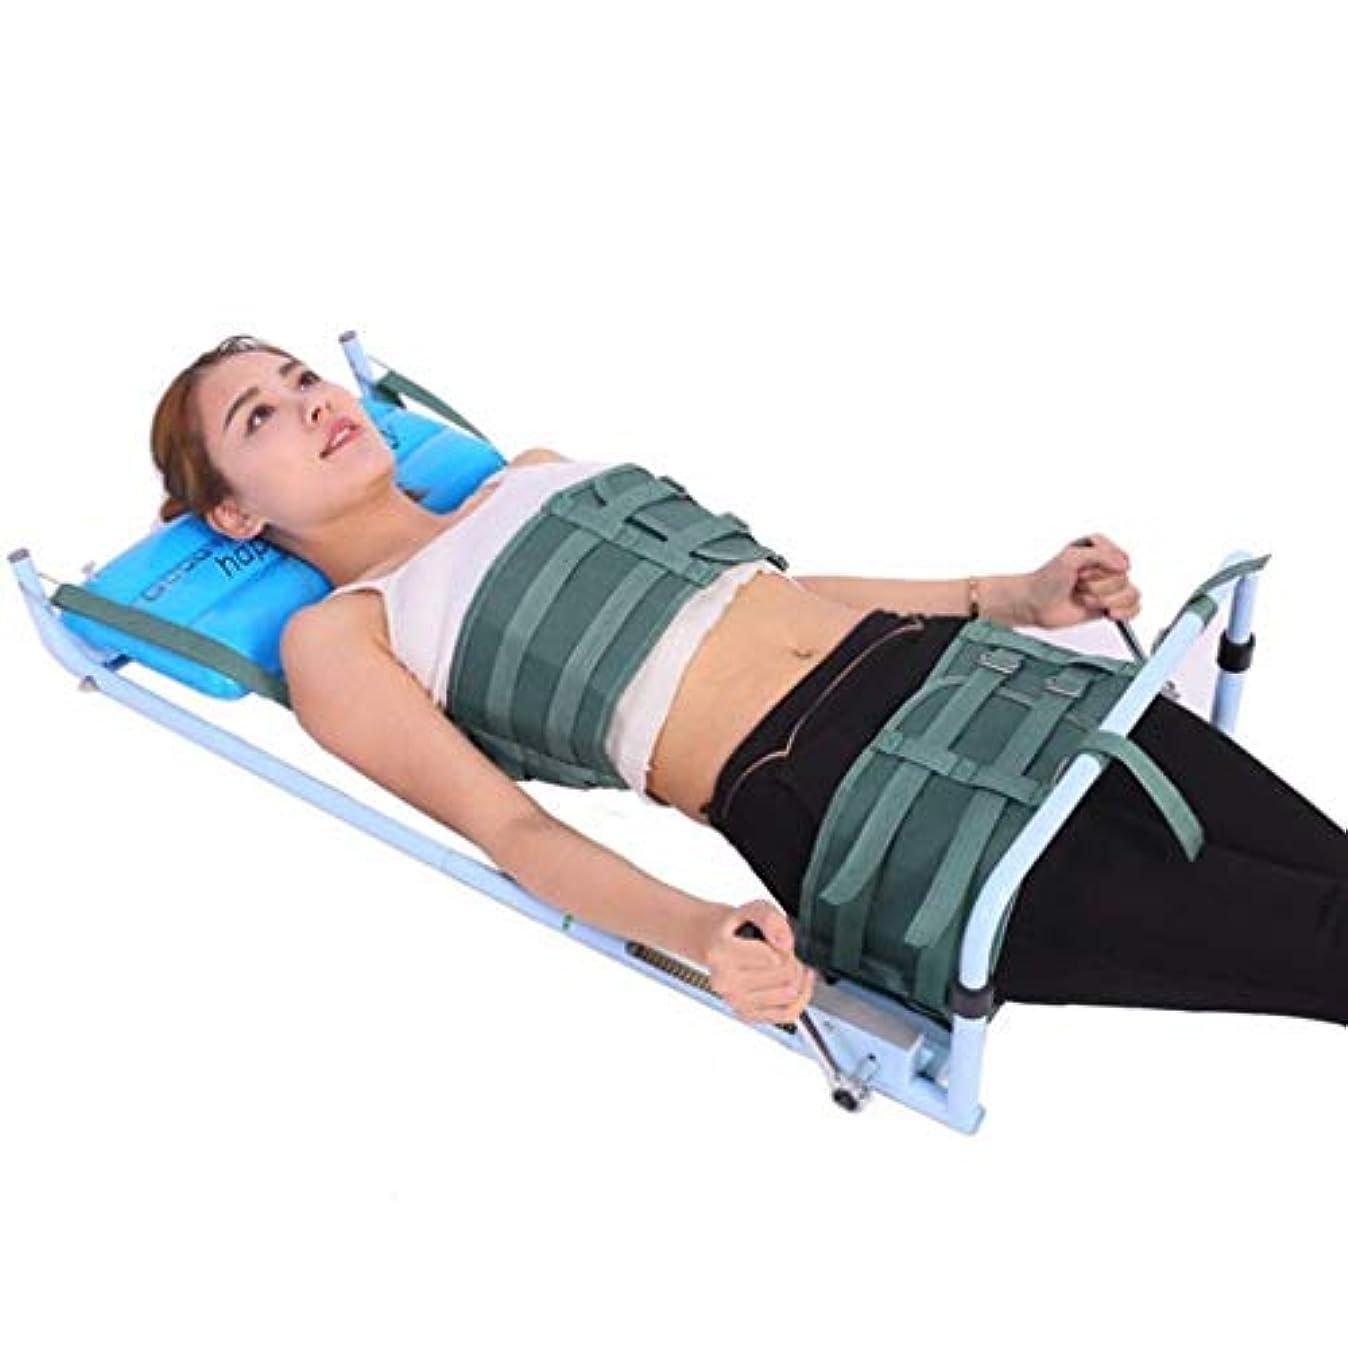 飛躍パトロンあざ矯正装置、腰椎牽引装置、子宮頸部ストレッチストレッチャー装置、改善された脊椎姿勢装具